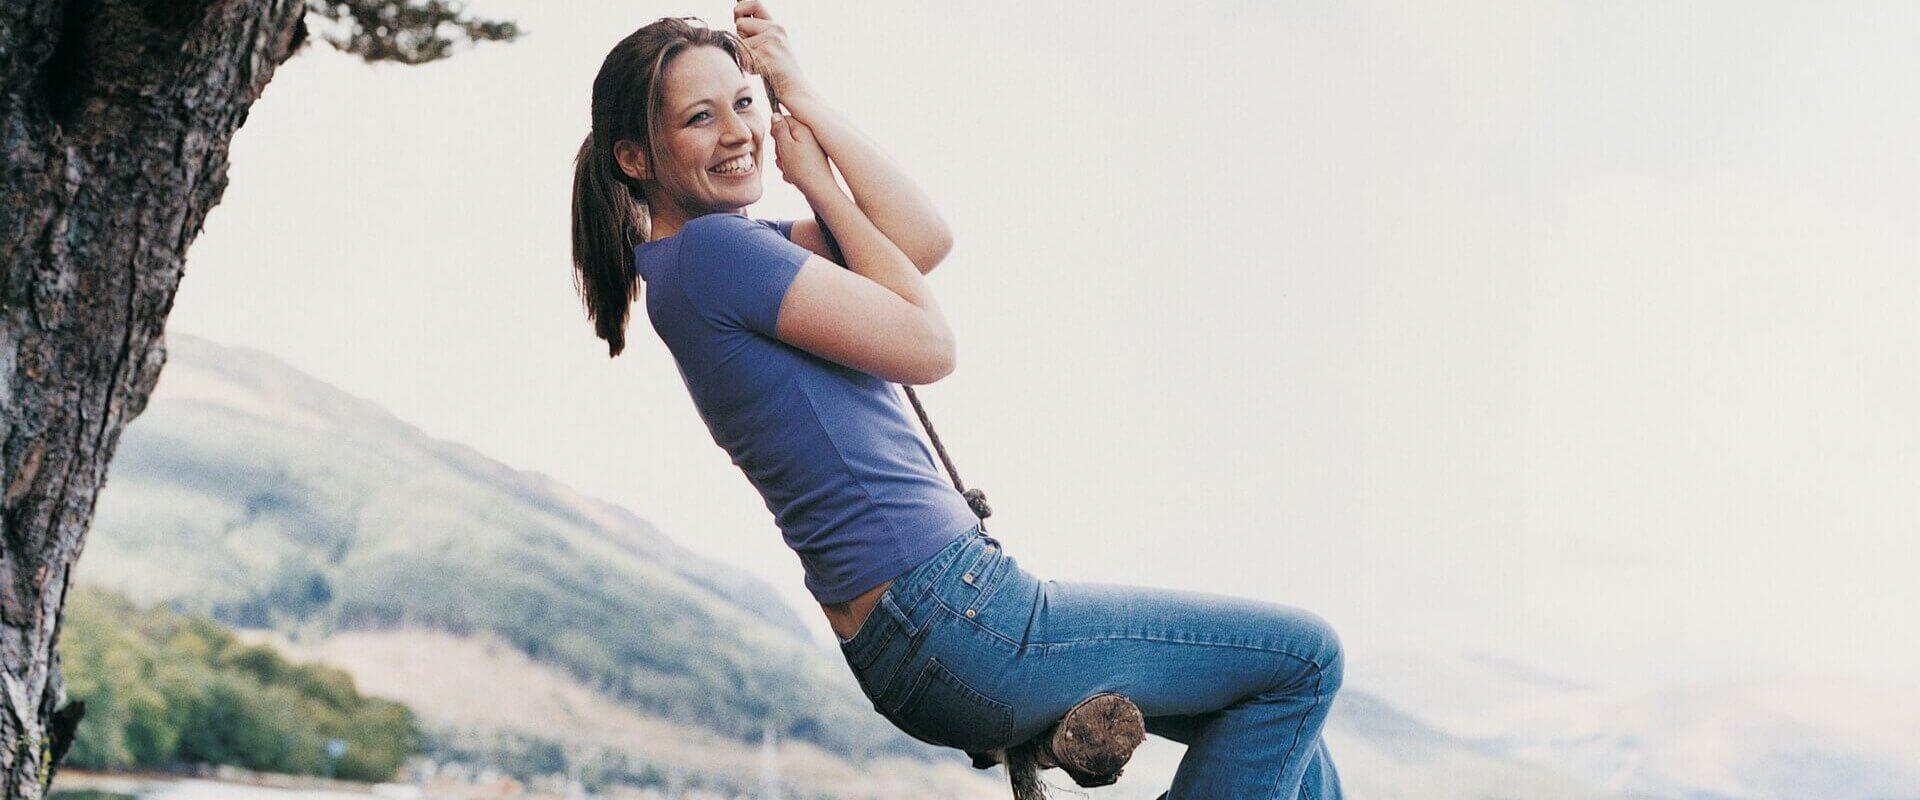 6 Tipps wie du hormonelle Störungen natürlich in den Griff bekommst